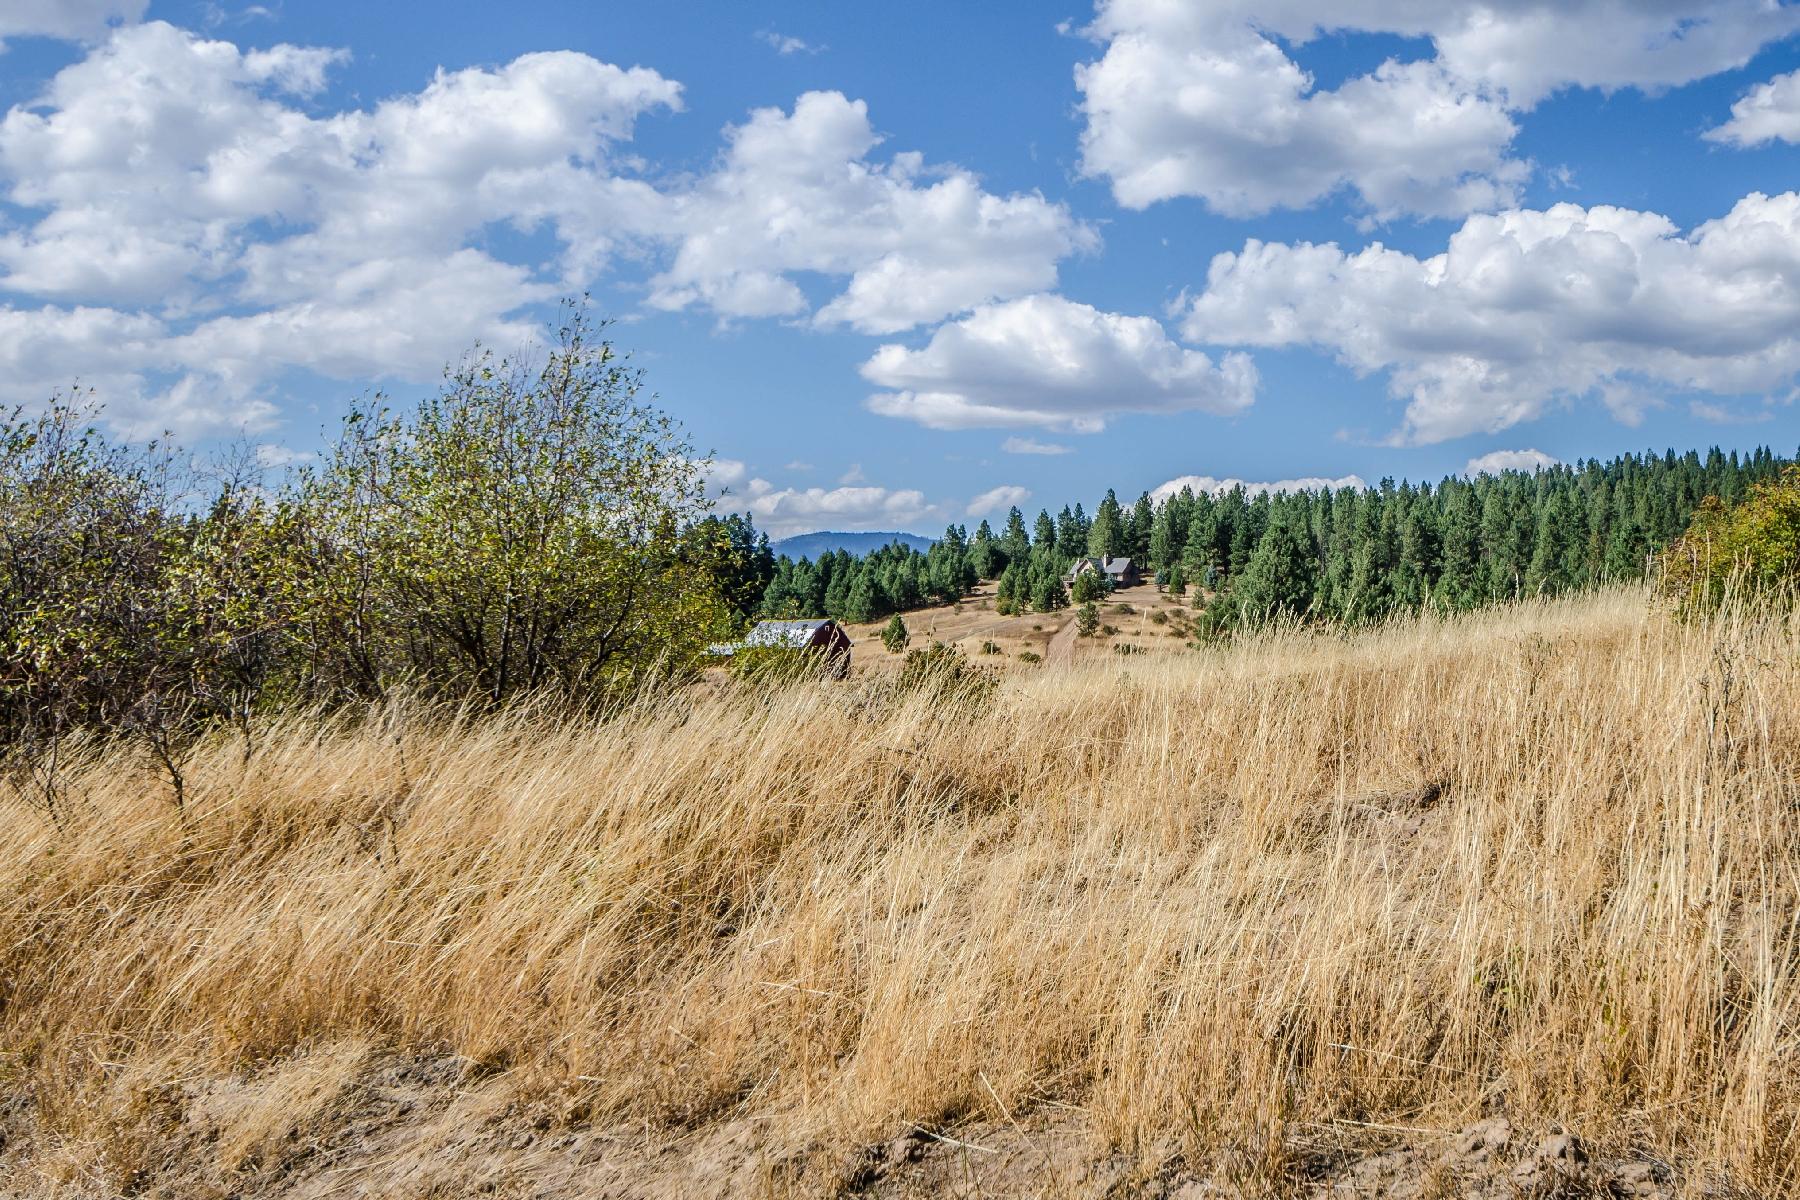 Частный односемейный дом для того Продажа на Incredible property with beautiful vistas of the surrounding area 14793 W. Frost Road Worley, Айдахо 83876 Соединенные Штаты